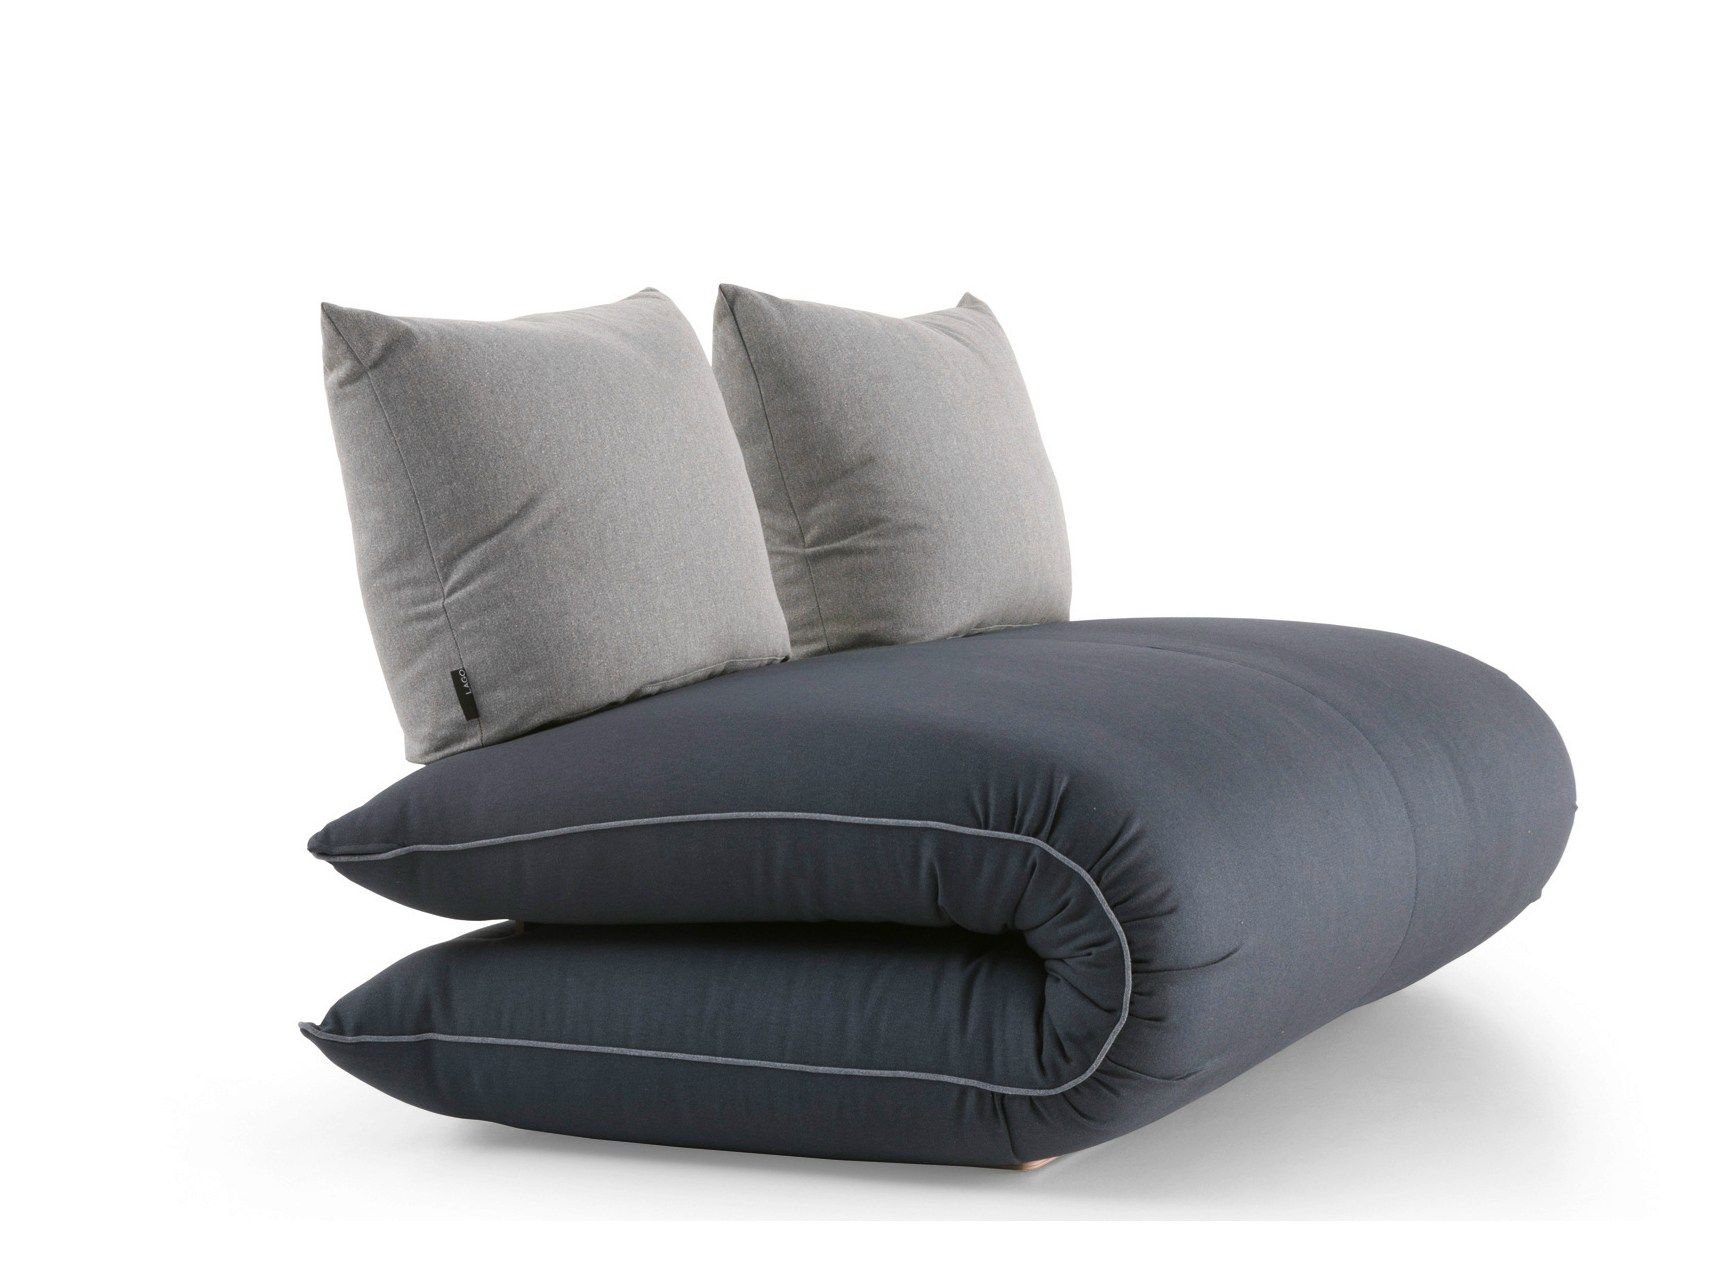 CHAMA Kleines Sofa By Lago Design Mi Jin Park